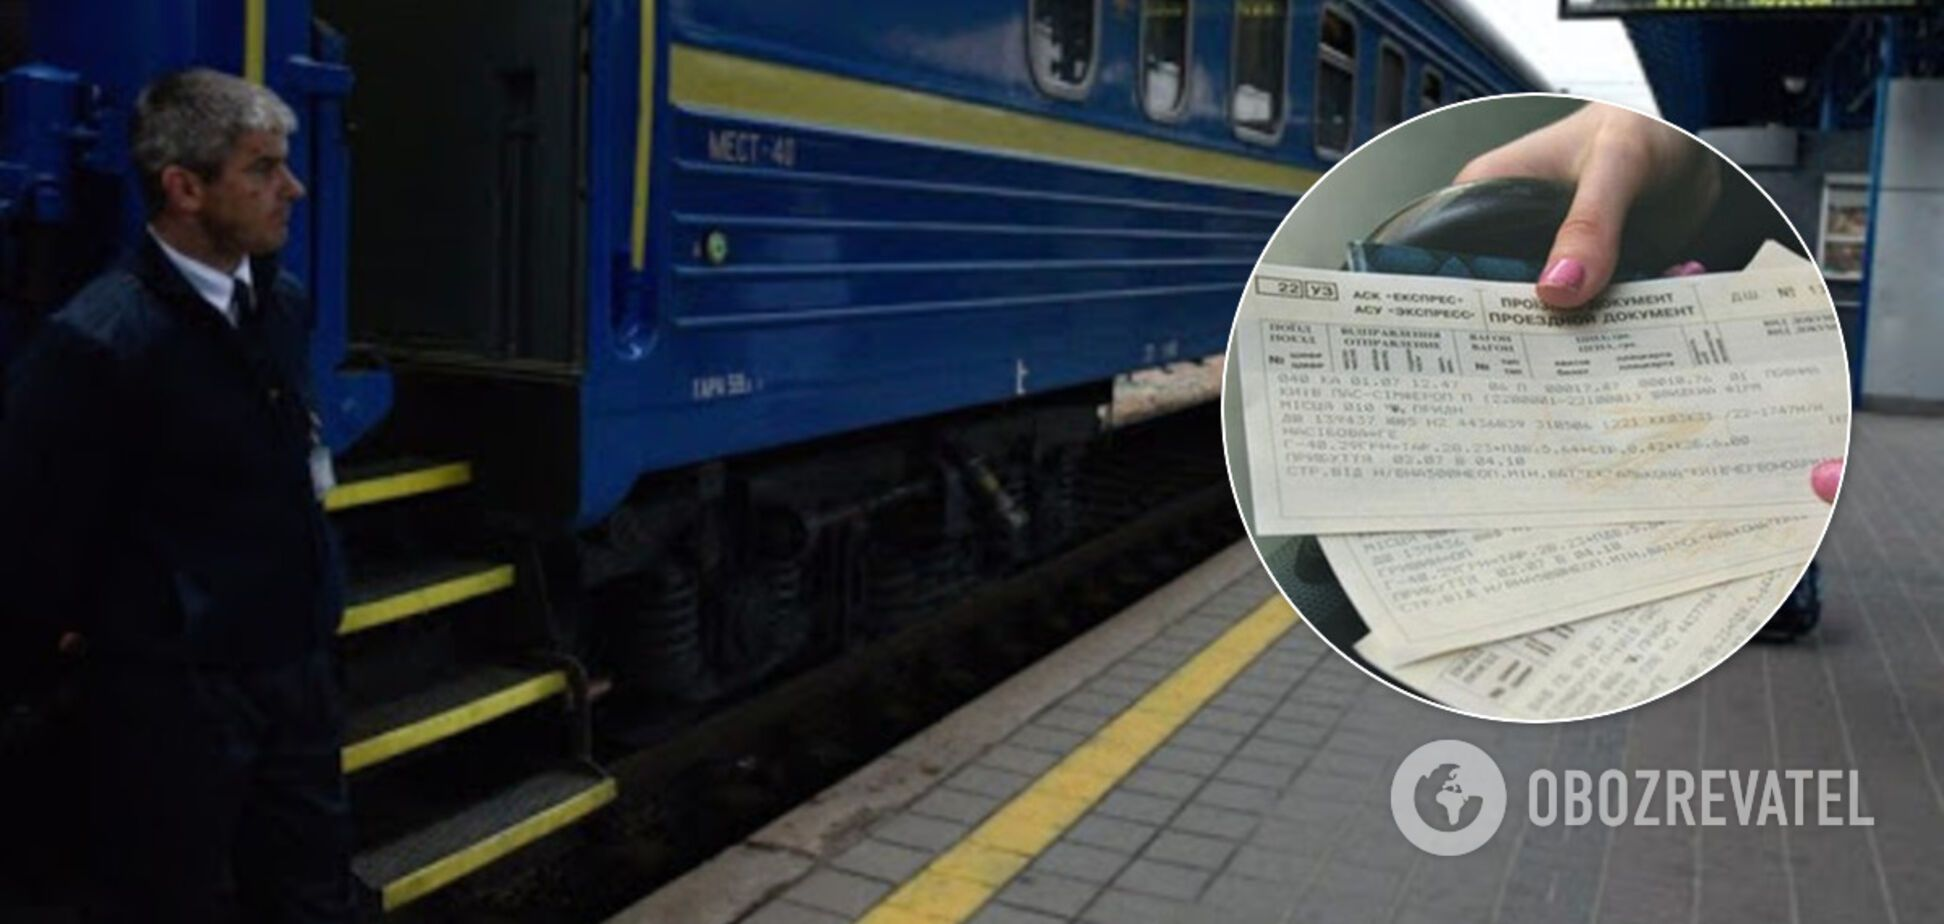 'Укрзалізниця' не будет поднимать цены на билеты: все подробности